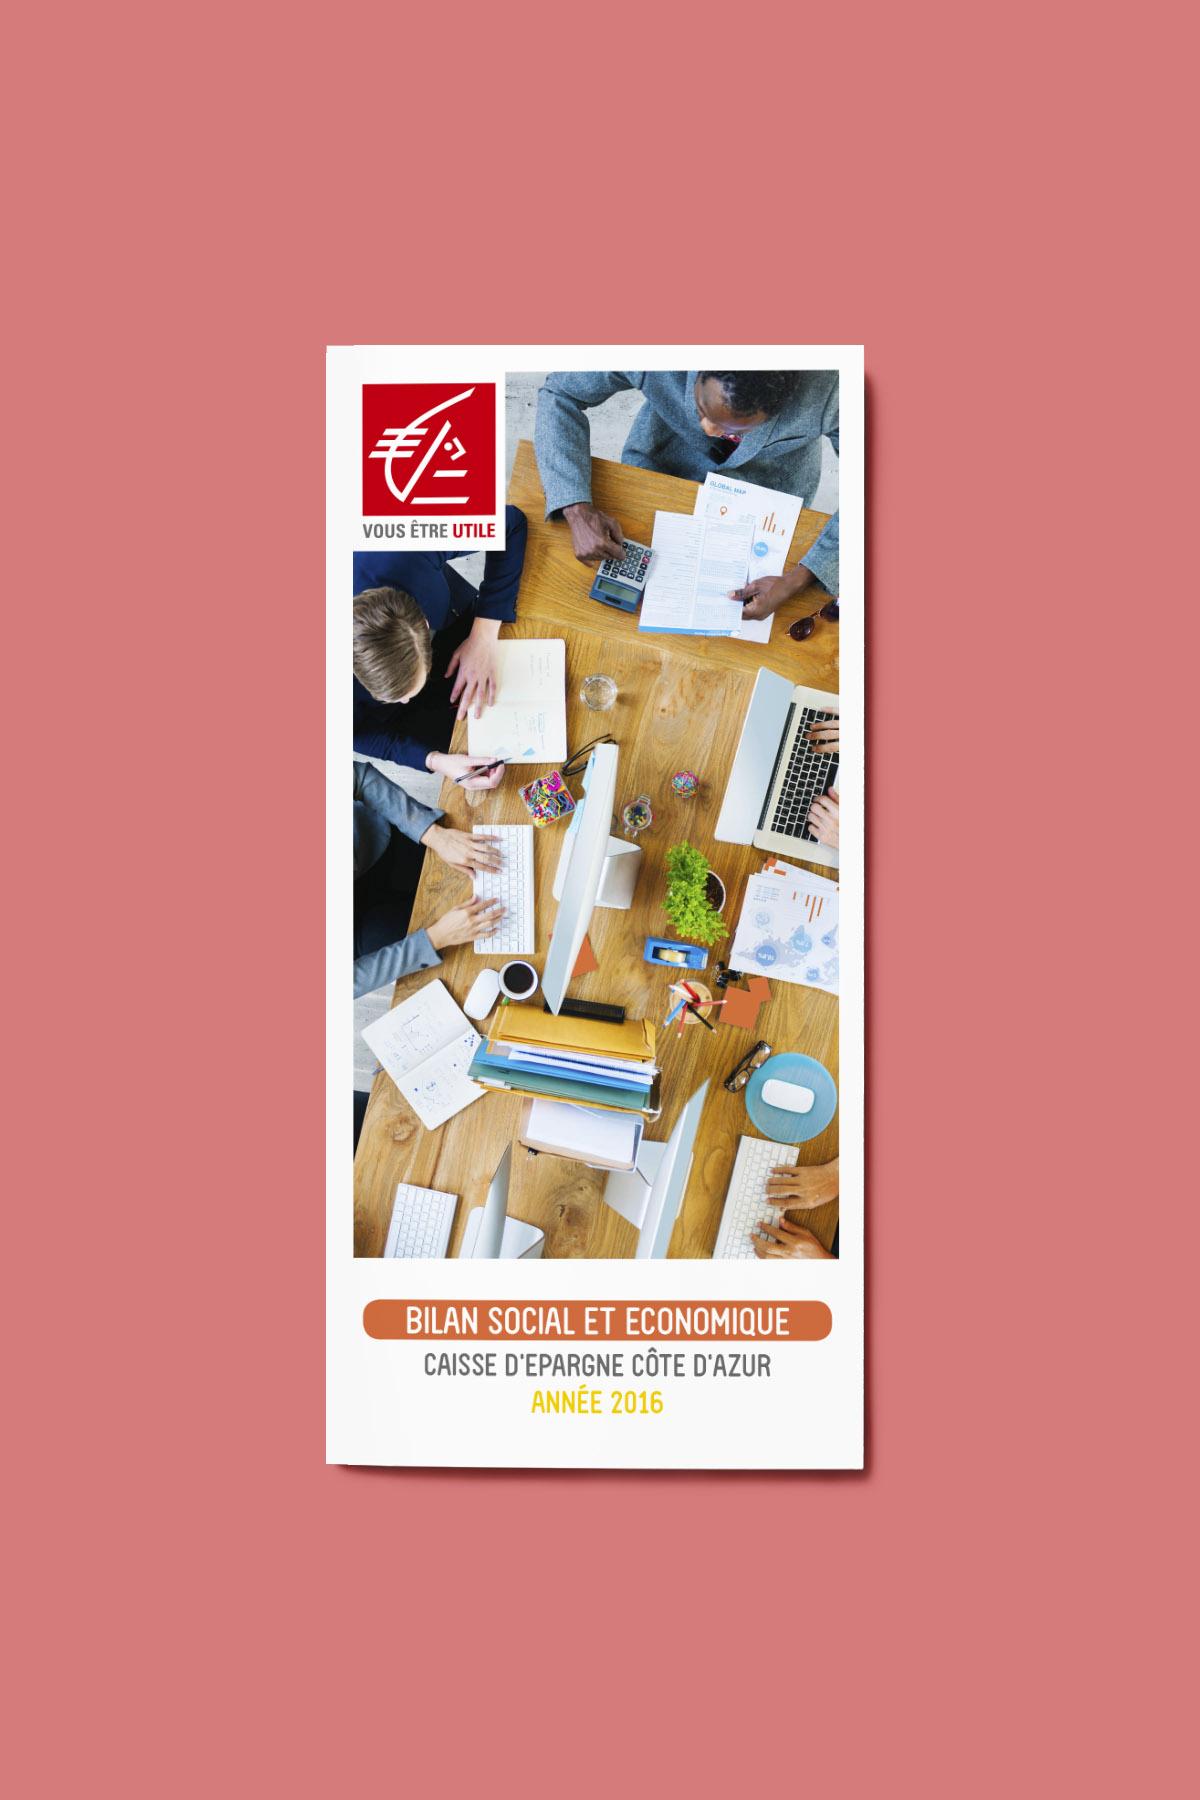 Nuancier Bilan Social Caisse d'Epargne Cote d'Azur CECAZ